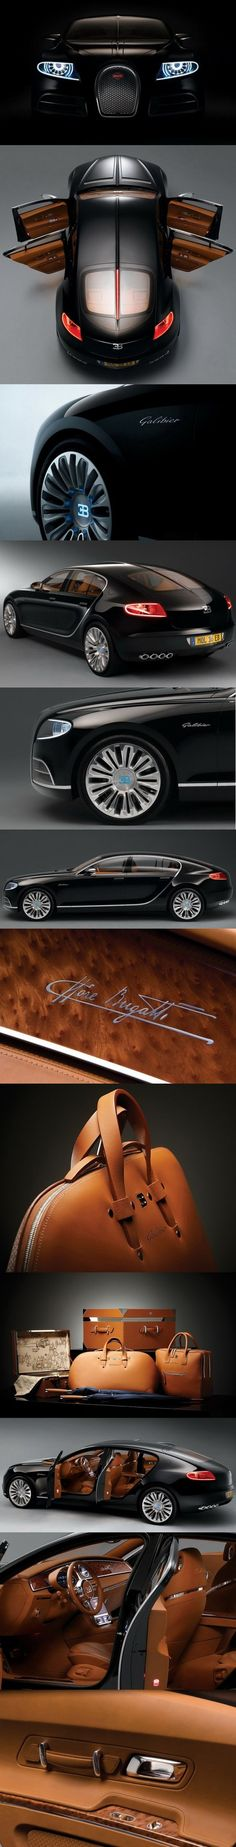 I l♥ve this car!! BUGATTI GALIBIER